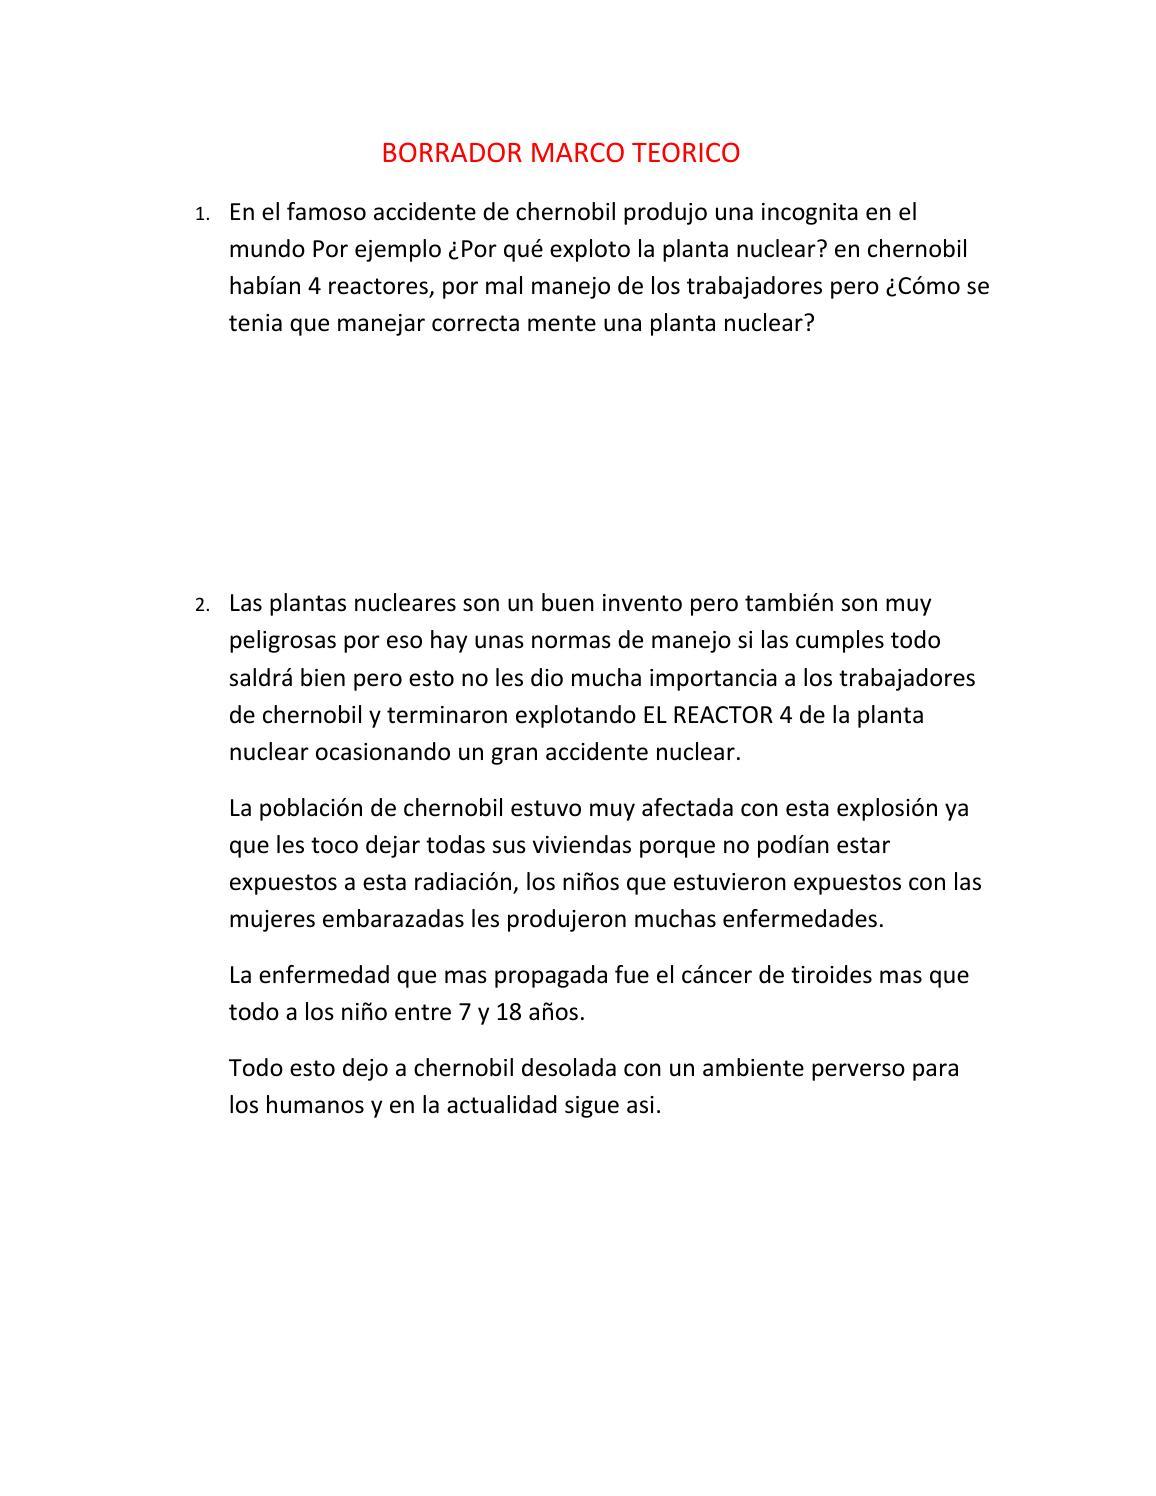 Borrador marco teorico by Miguel Angel Ortiz - issuu